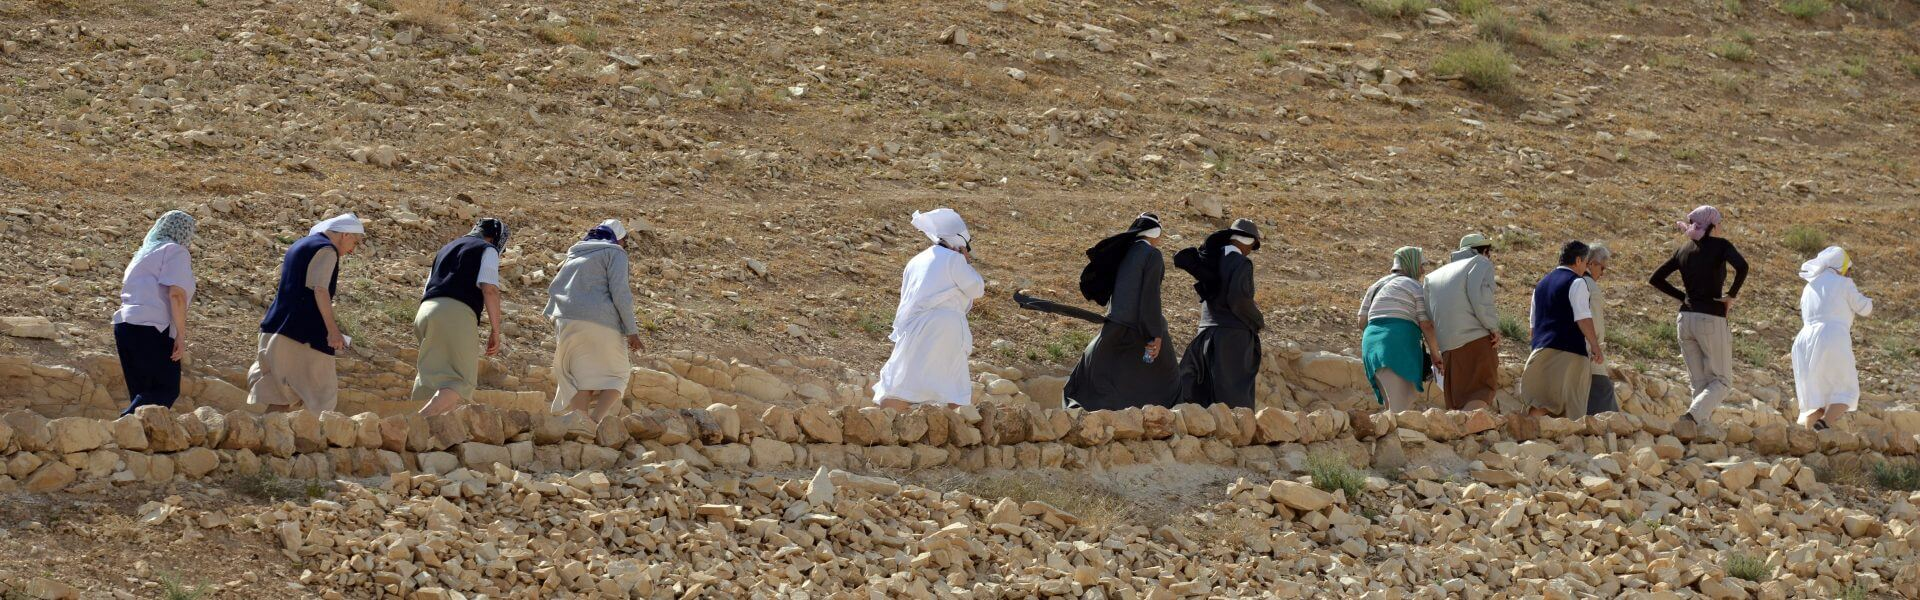 בדואים פוסעים במדבר